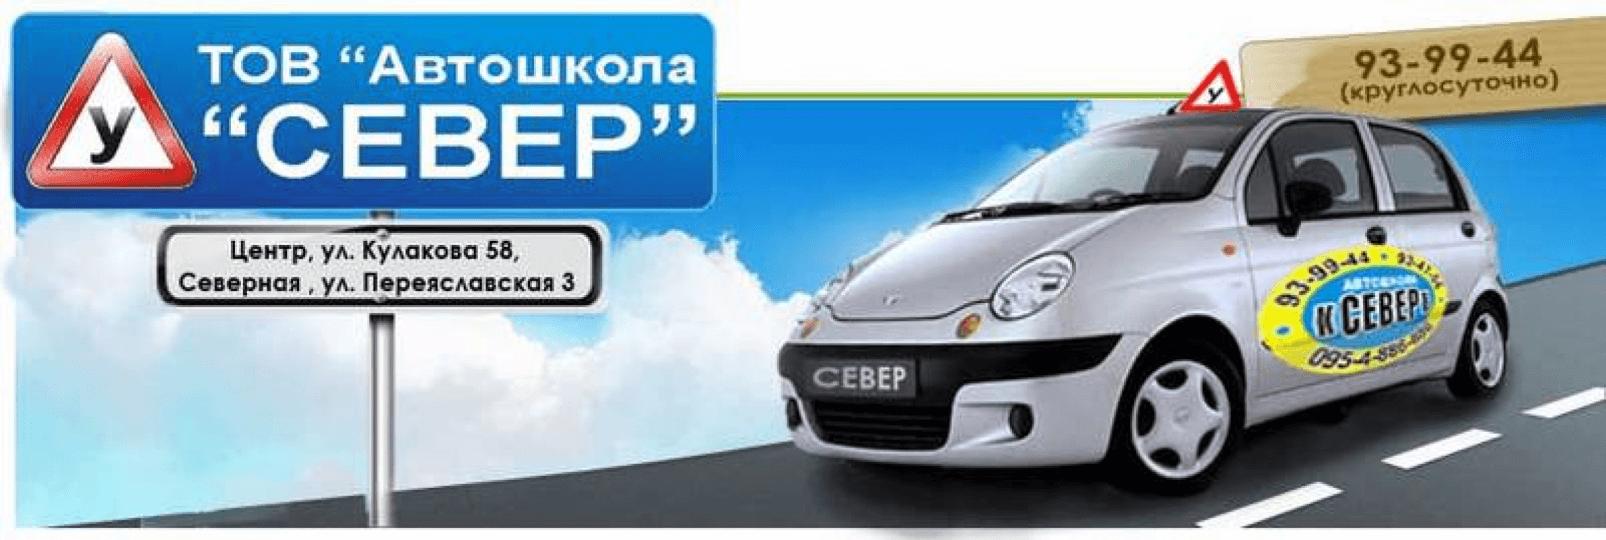 СЕВЕР, Автошколы, 2021, ул. Кулакова, 58, записаться, отзывы